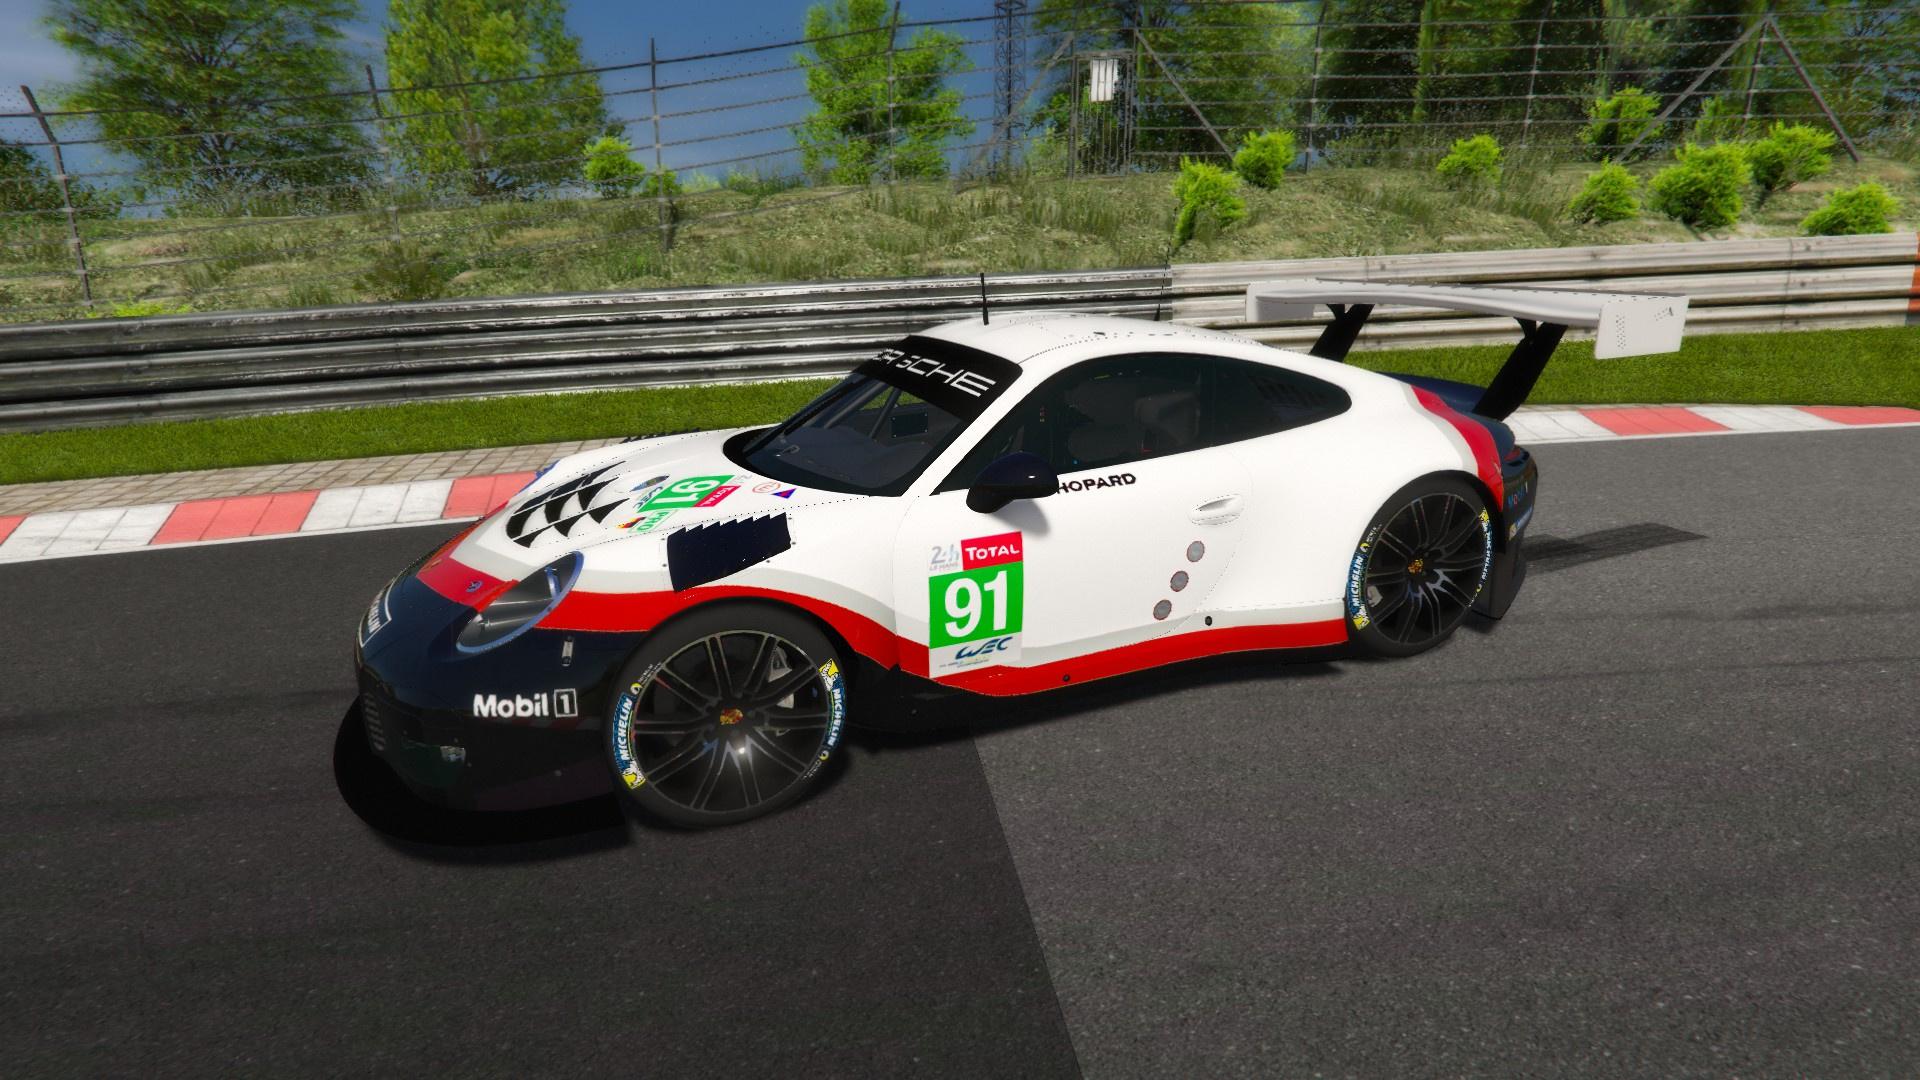 Porsche 911 Rsr Liveries For Porsche 911 Gt3 R Gta5 Mods Com